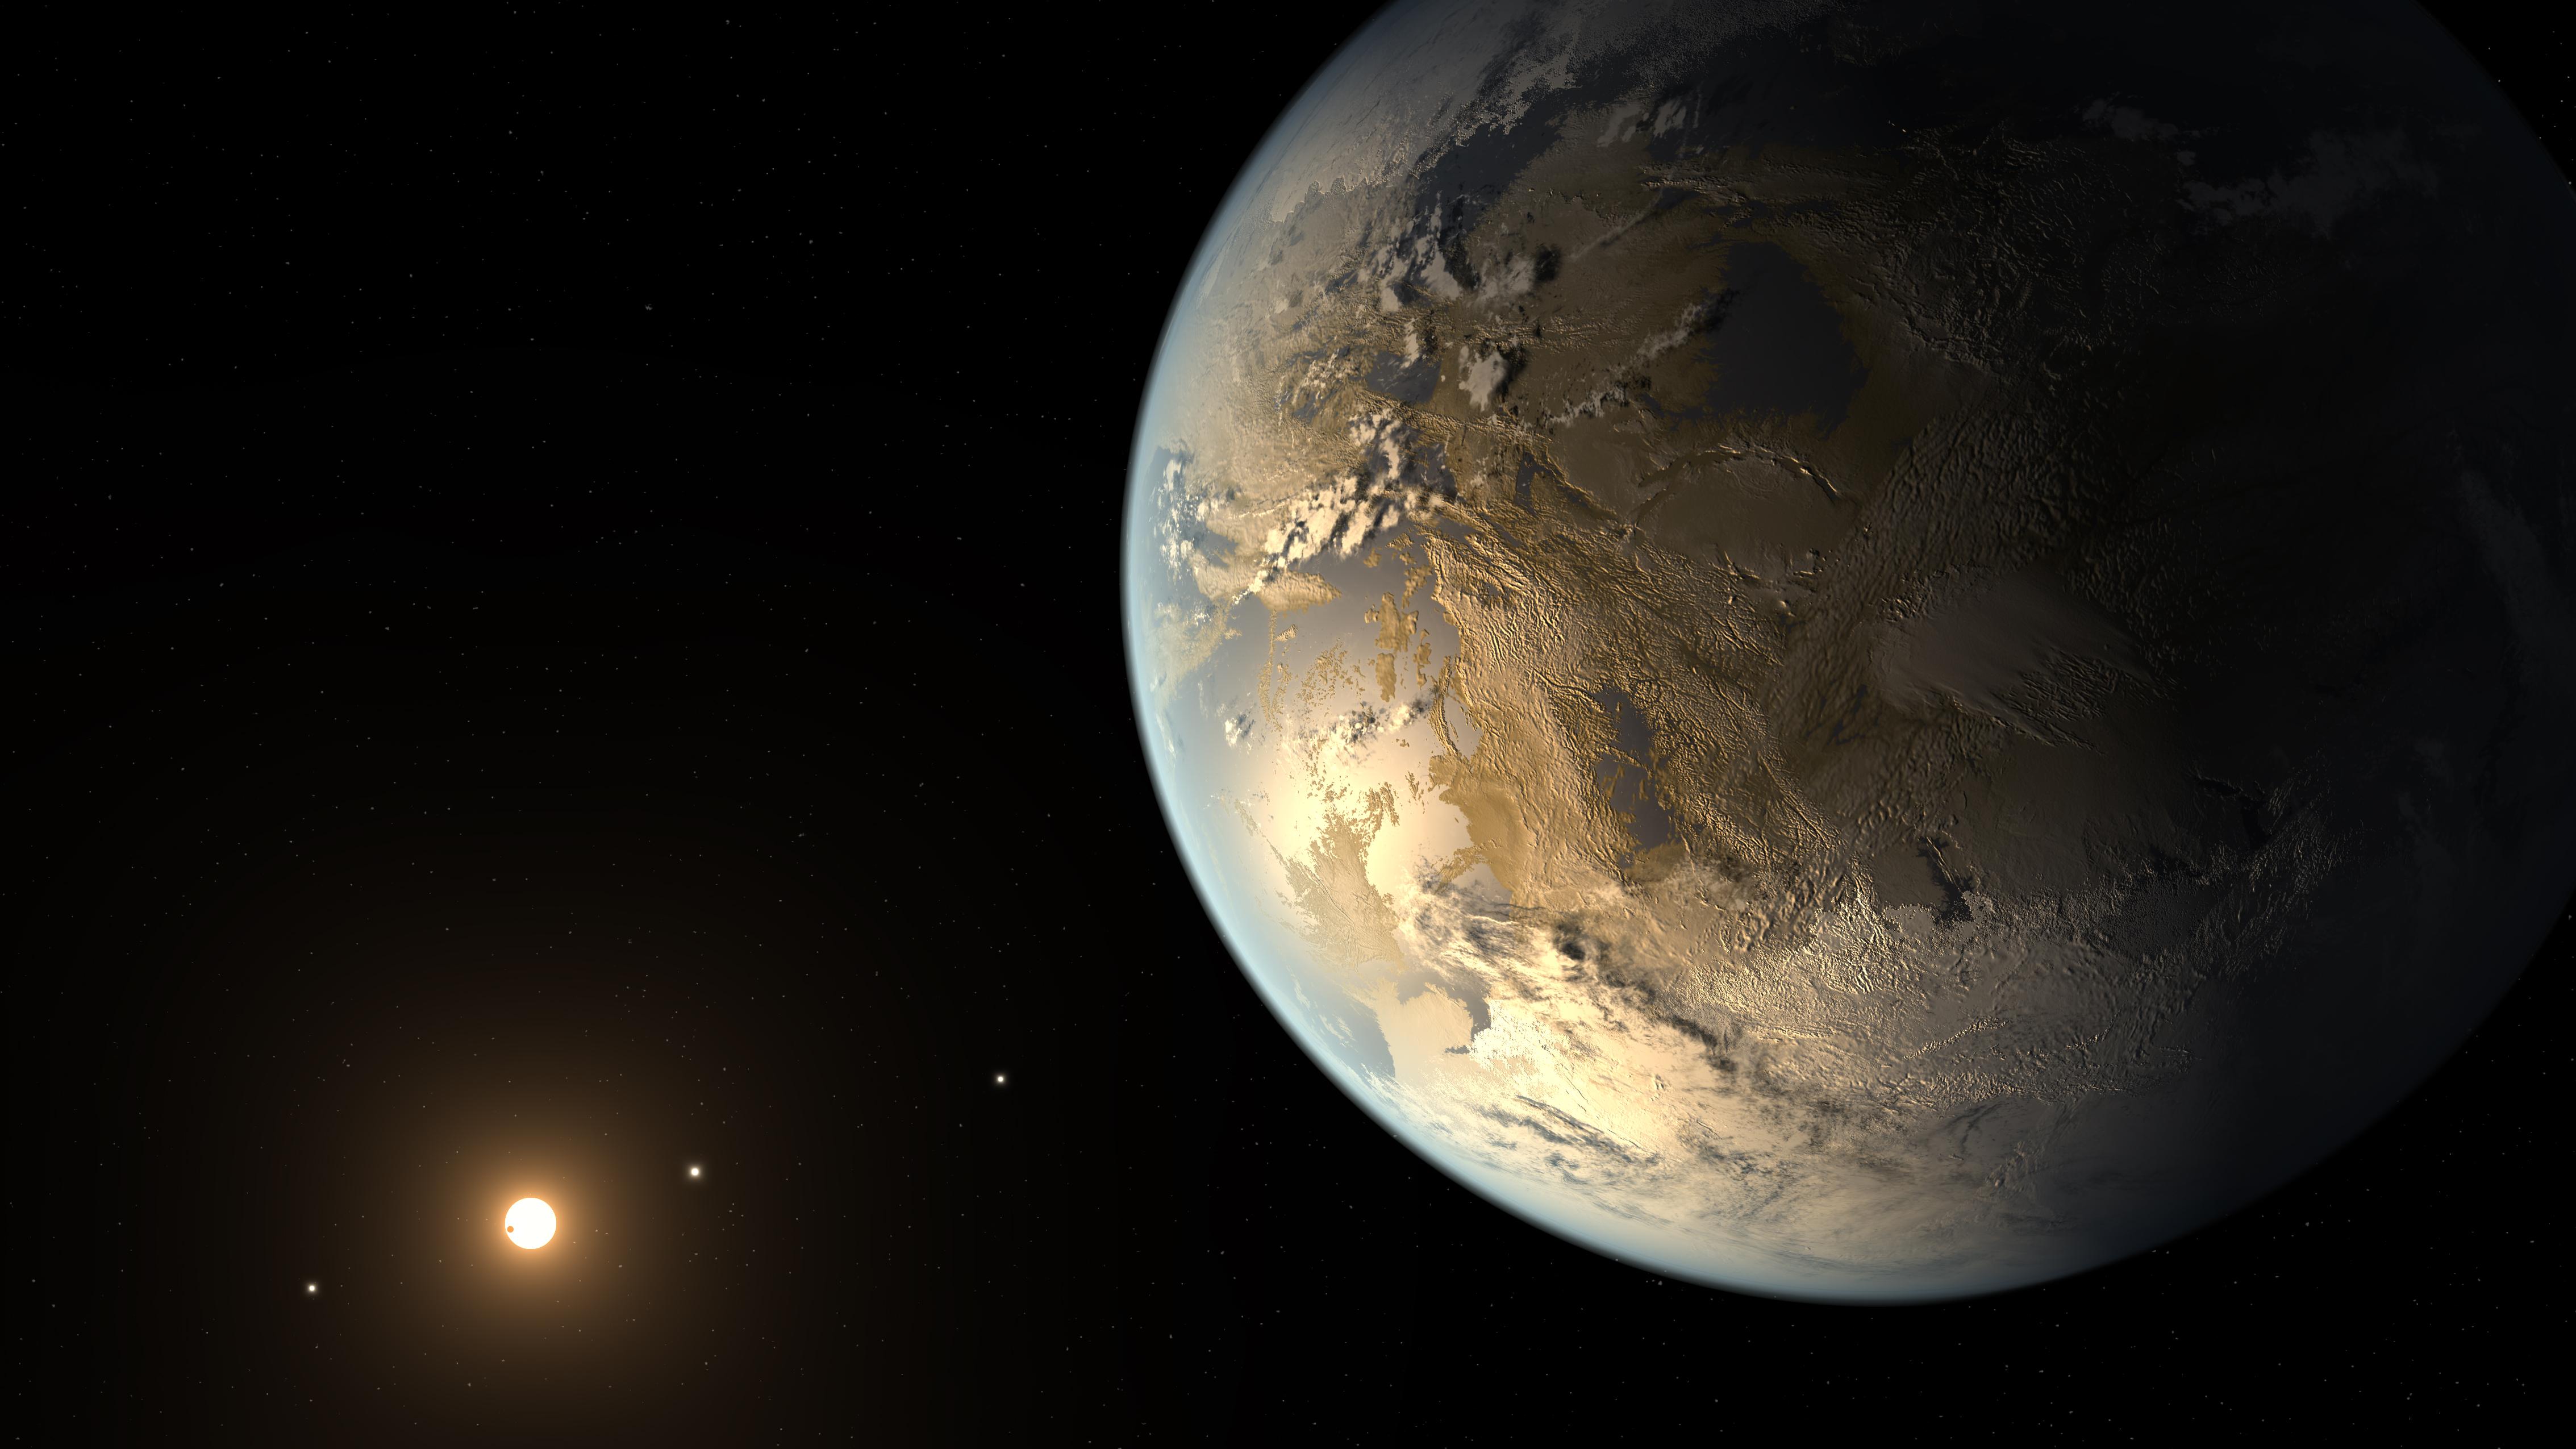 Καλλιτεχνική απεικόνιση του πρόσφατα ανακαλυφθέντος πλανήτη Kepler 186f